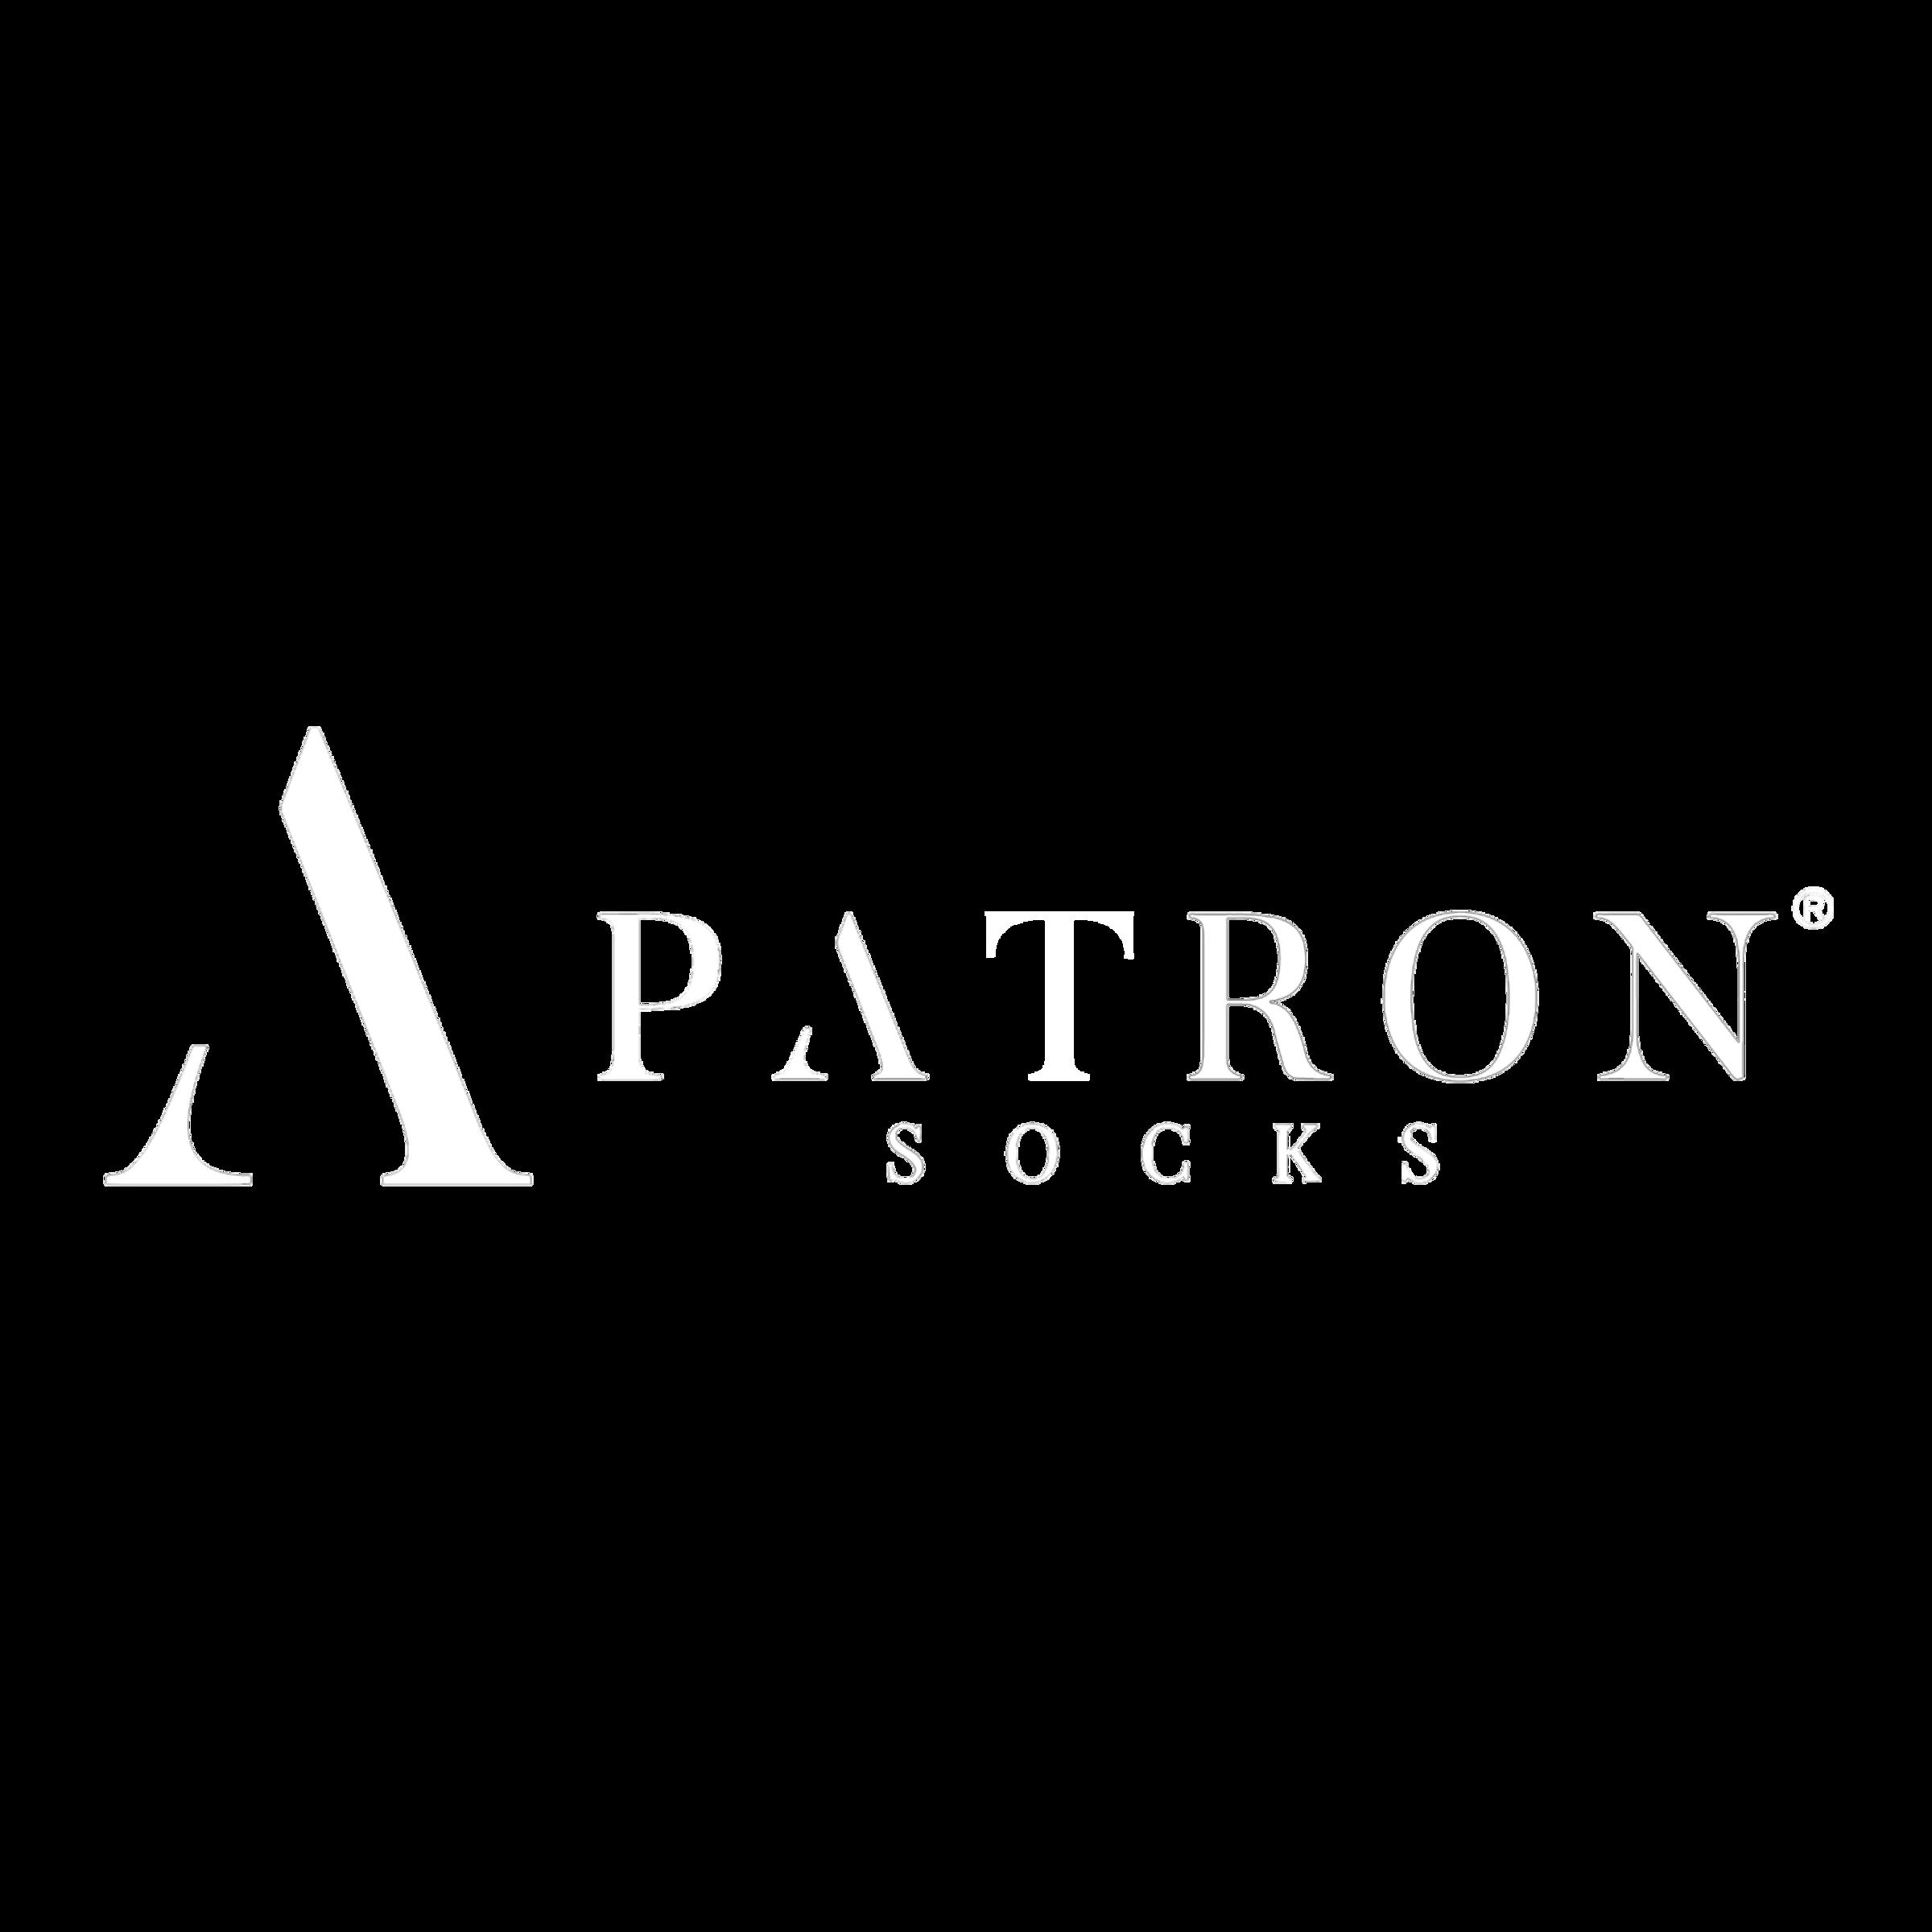 Patron Socks Logo